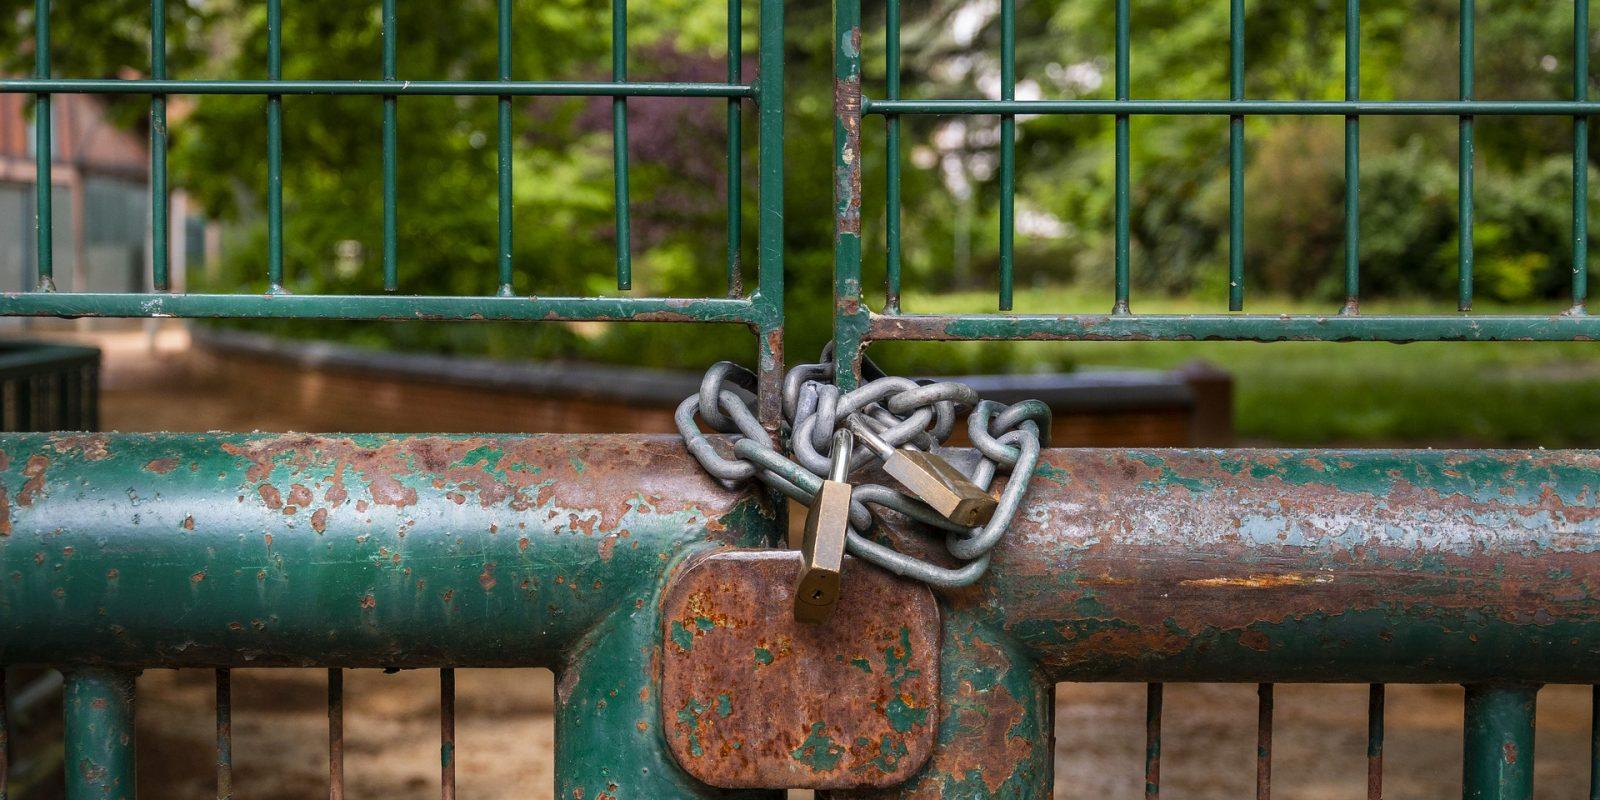 park-5124558_1920 - Stan Madoré de Pixabay